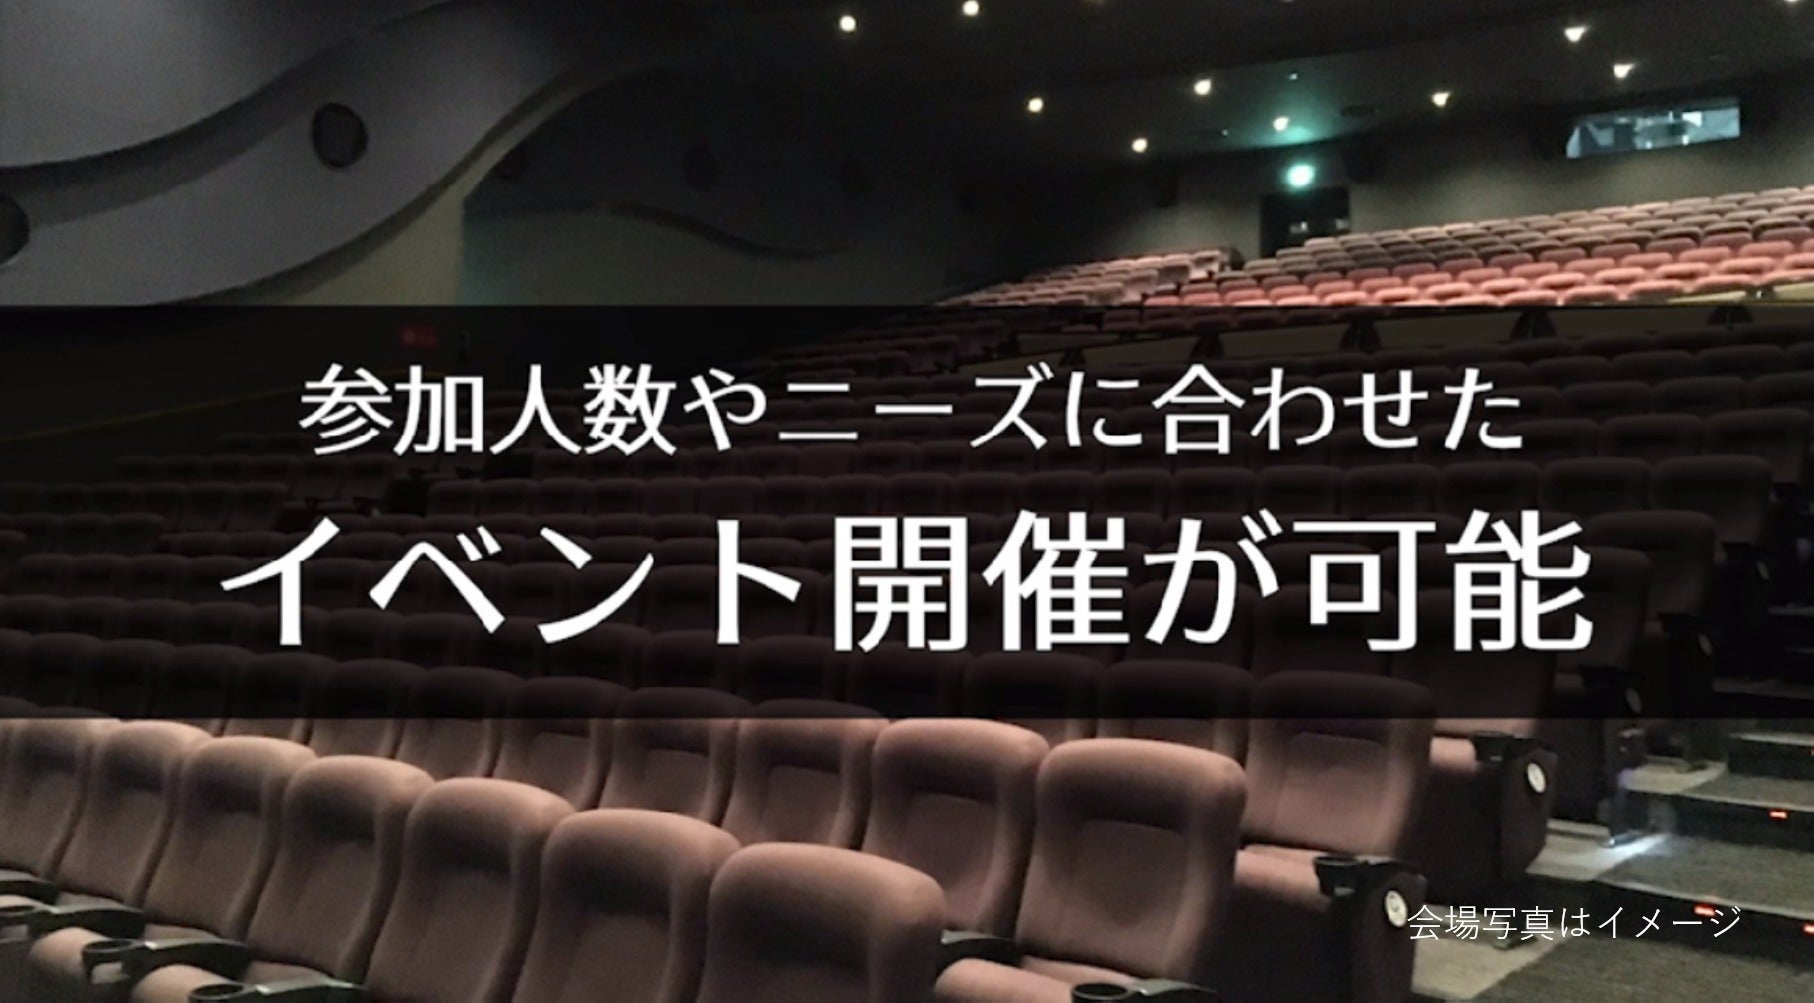 【つくば 232席】映画館で、会社説明会、株主総会、講演会の企画はいかがですか?(シネプレックスつくば) の写真0